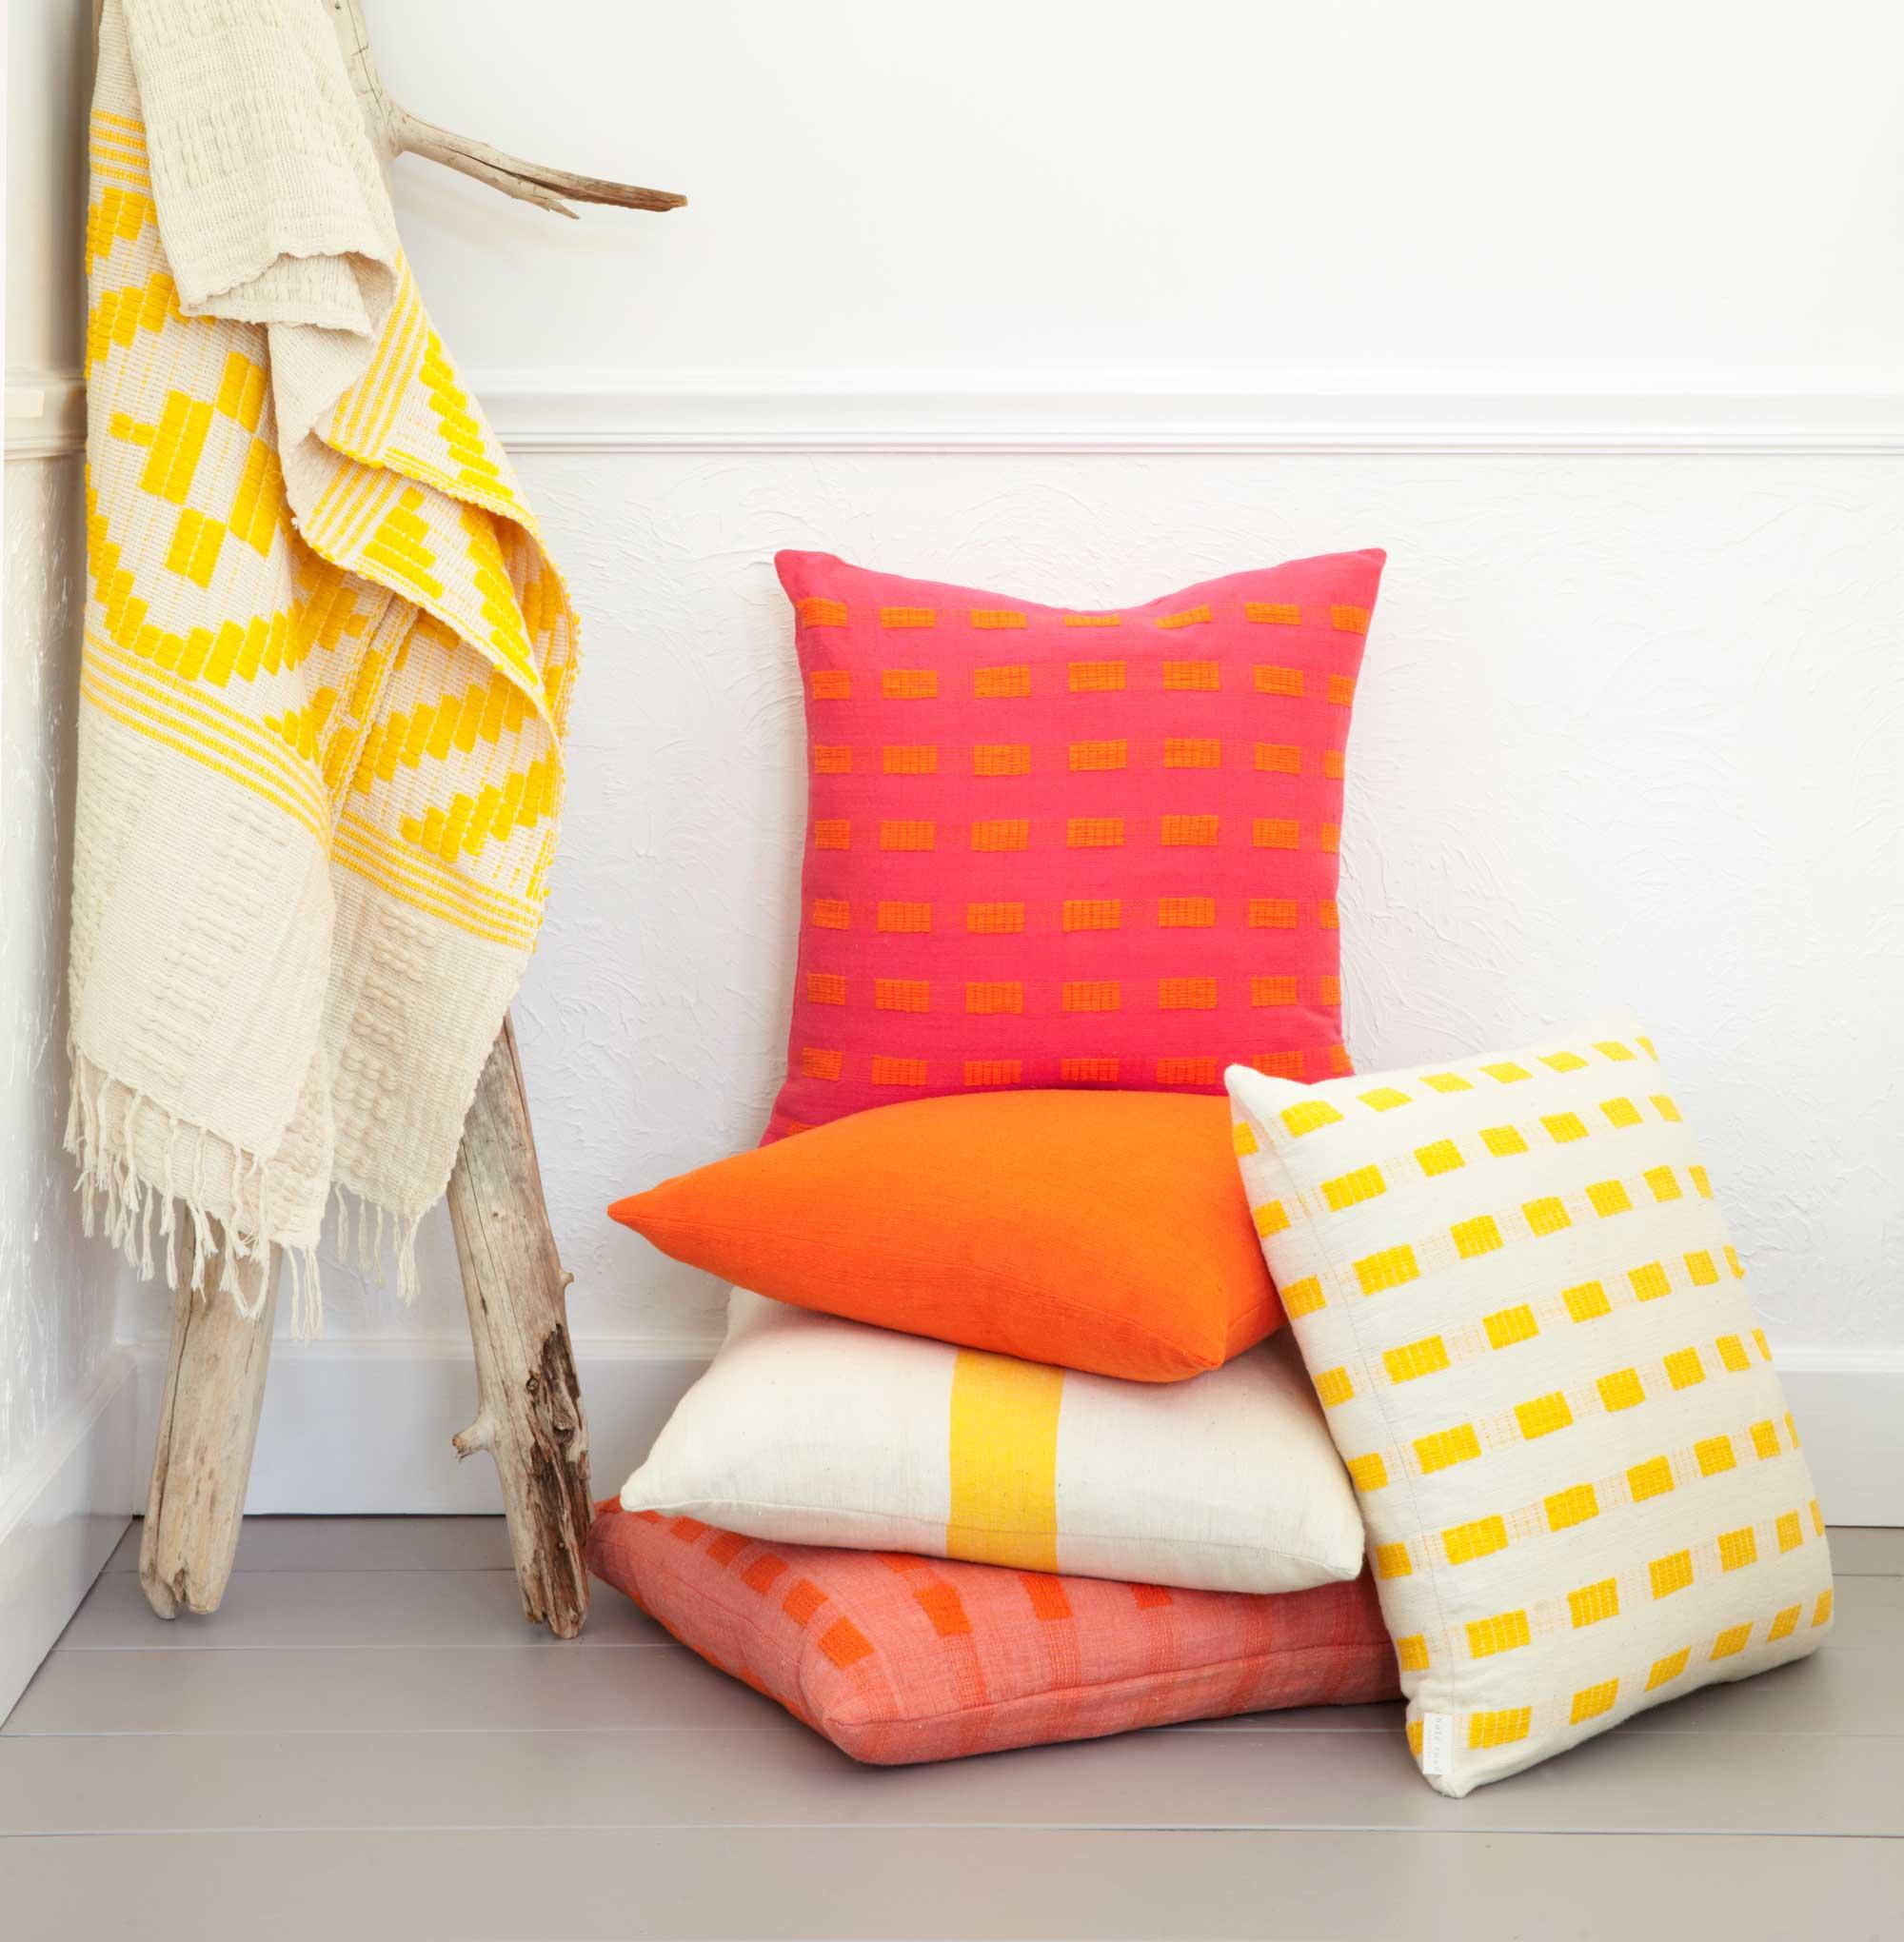 bolé-road-textiles-spring-02_web.jpg